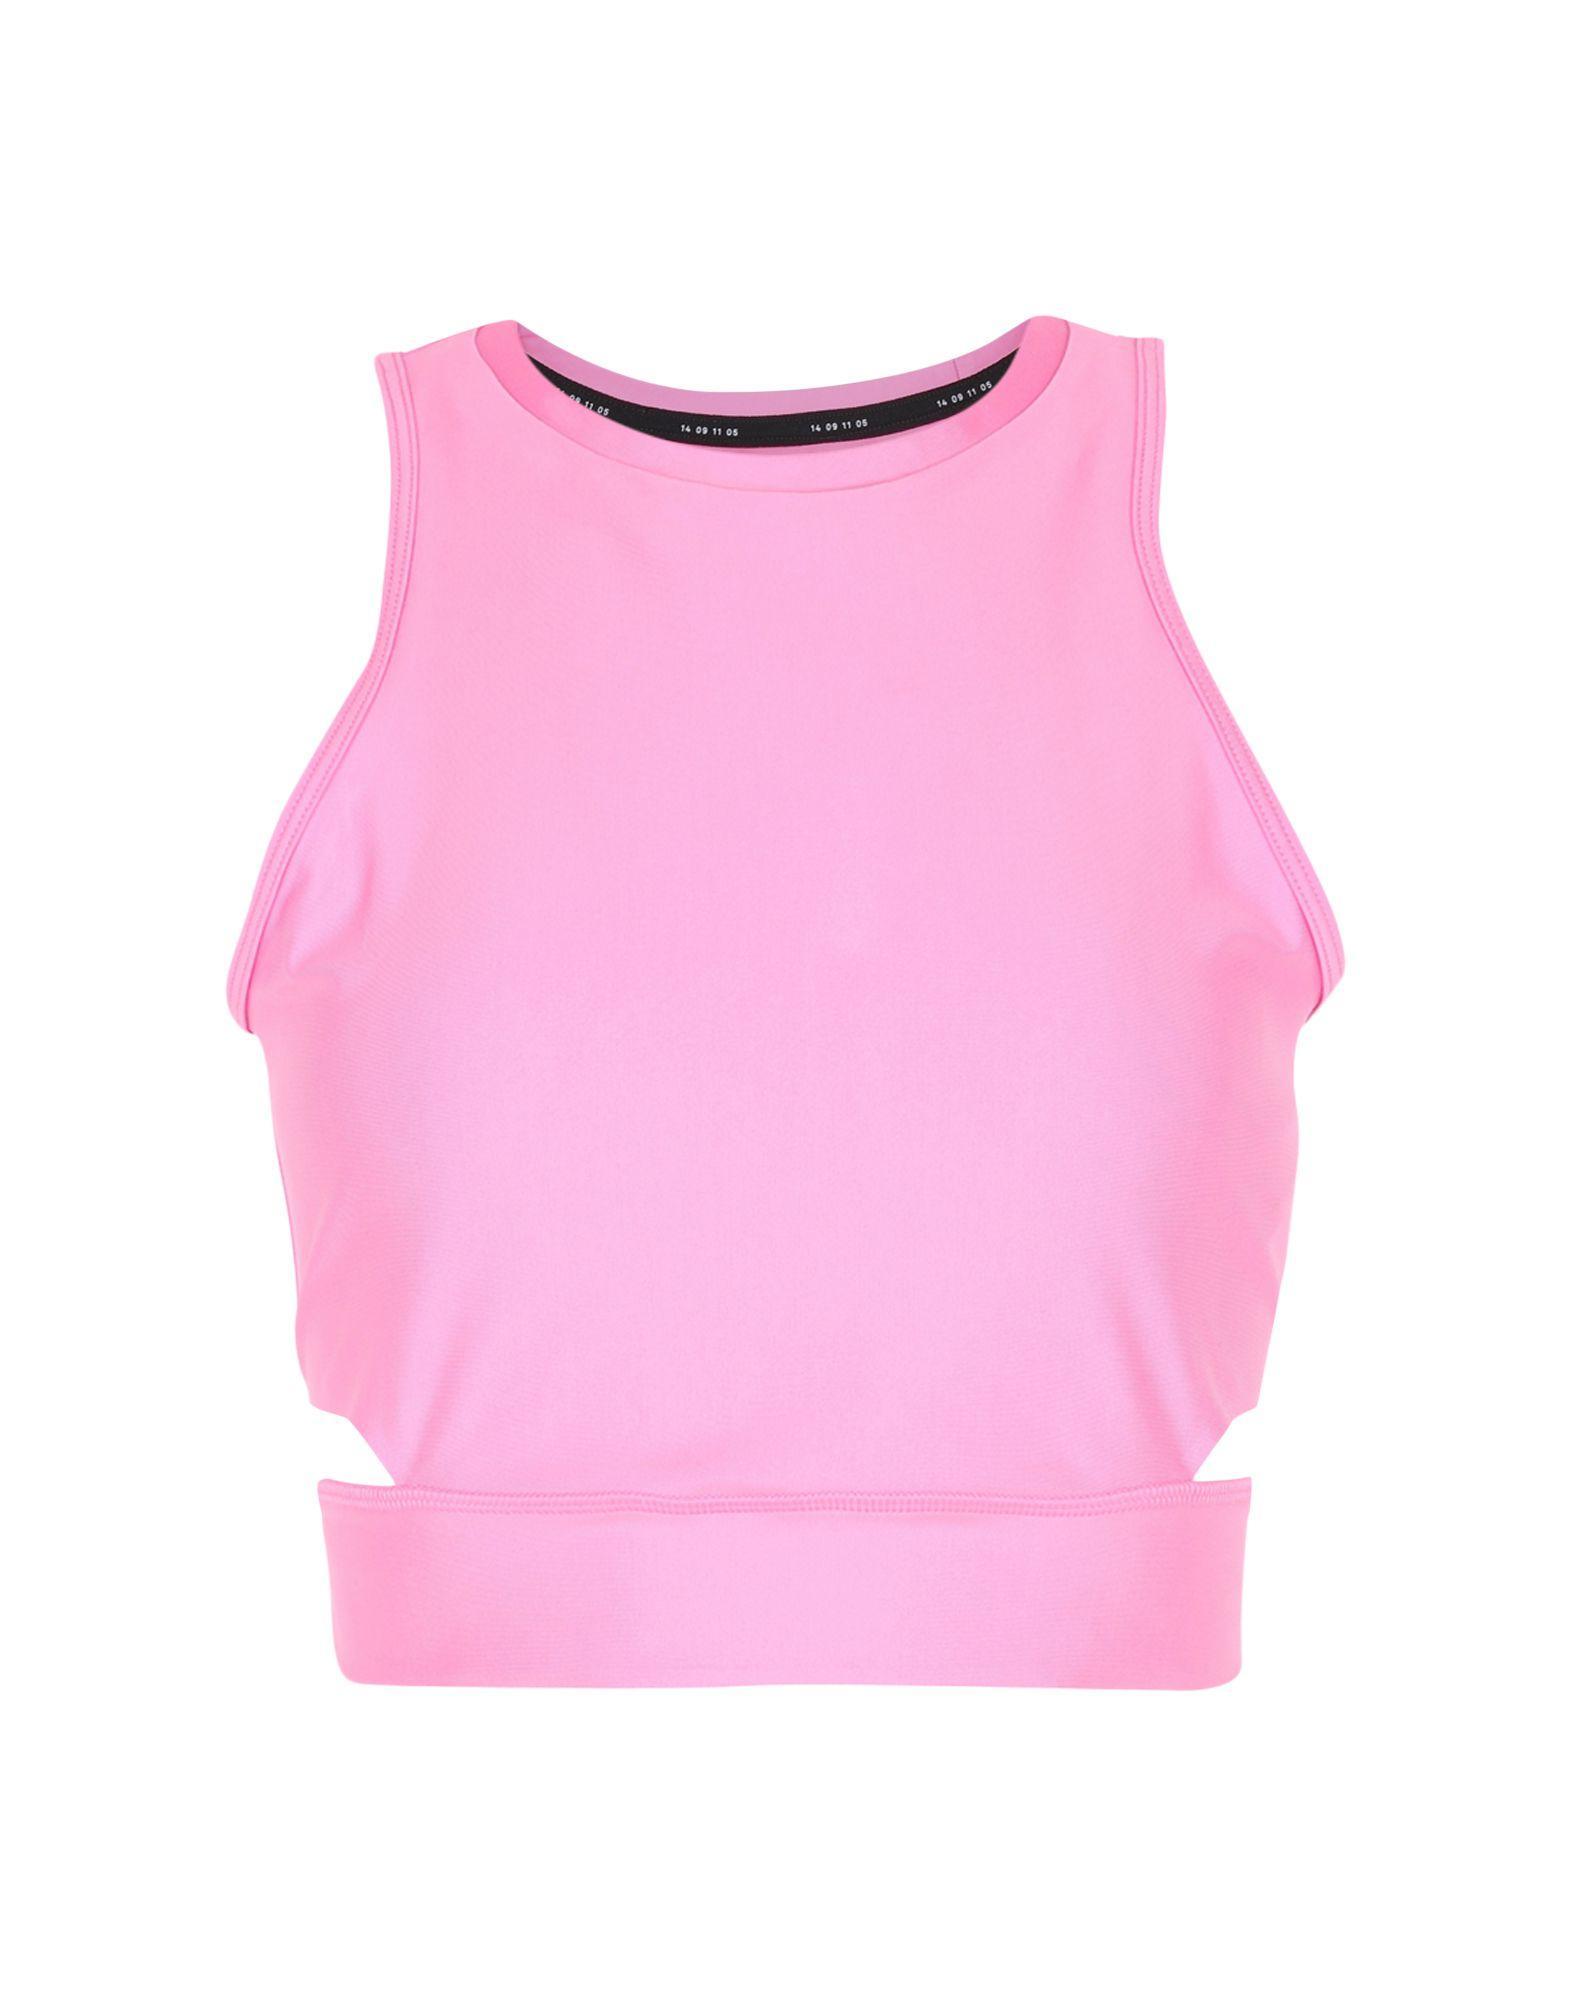 Топ без рукавов  Розовый цвета